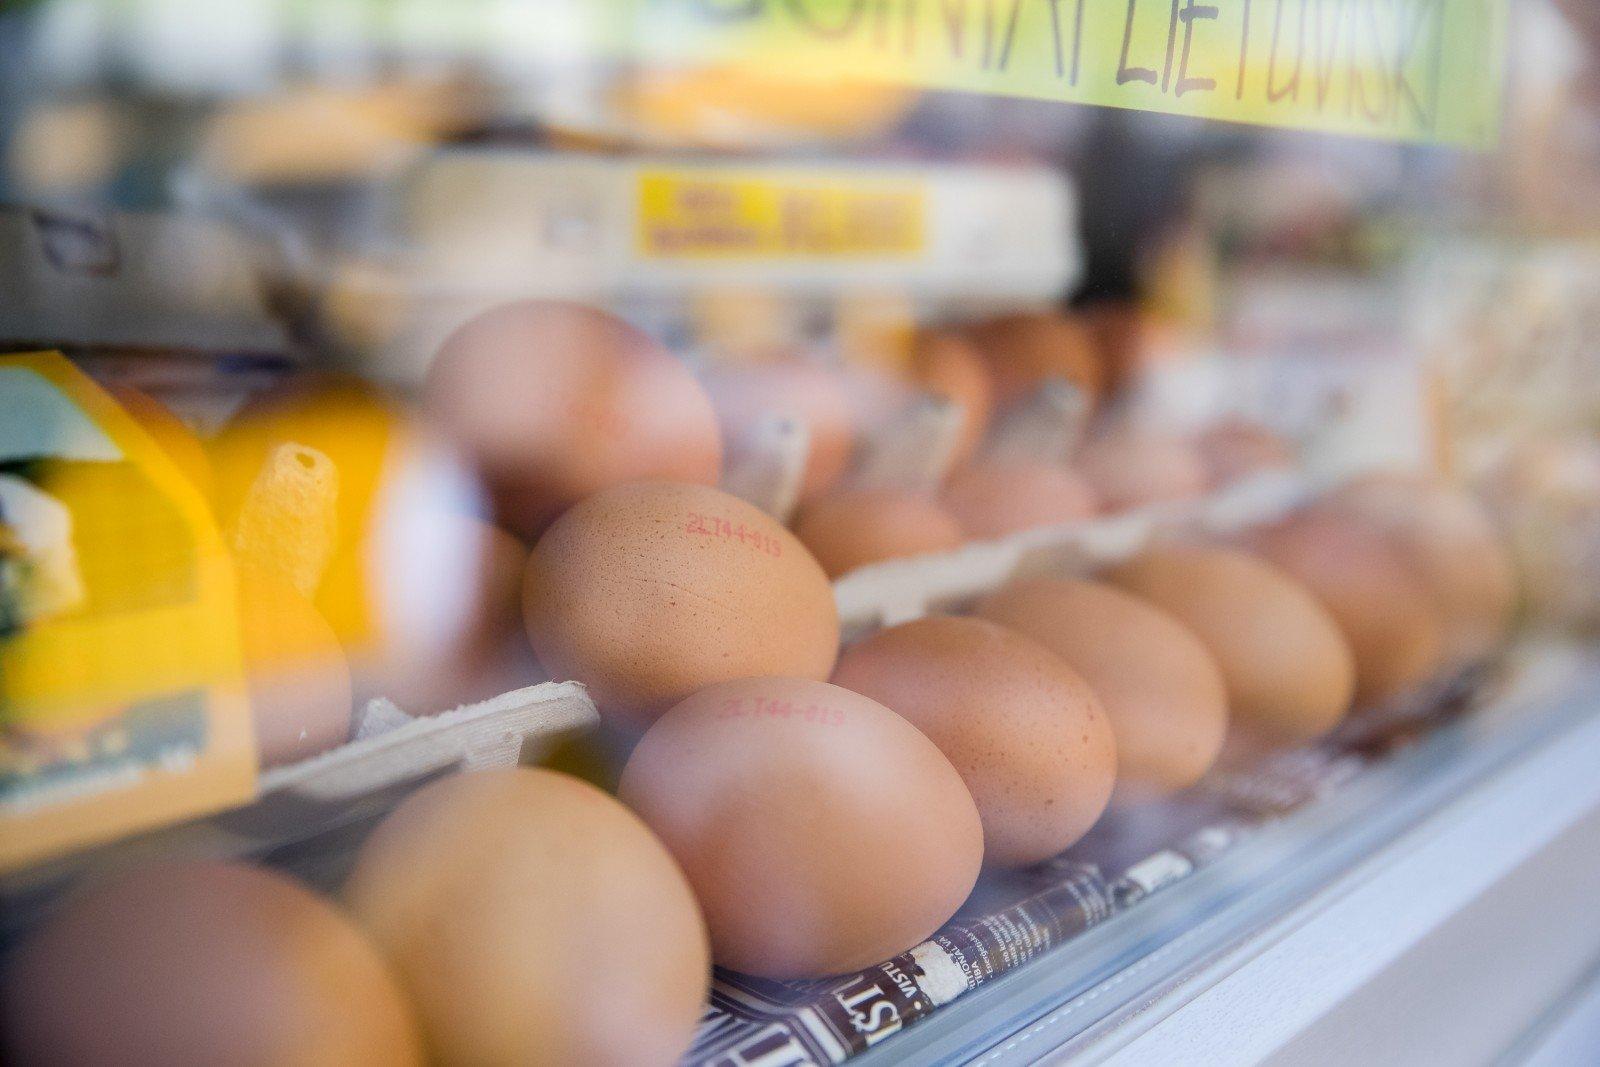 Ar tiesa, kad vienas kiaušinis atstoja visos dienos sočiųjų riebalų kiekį?